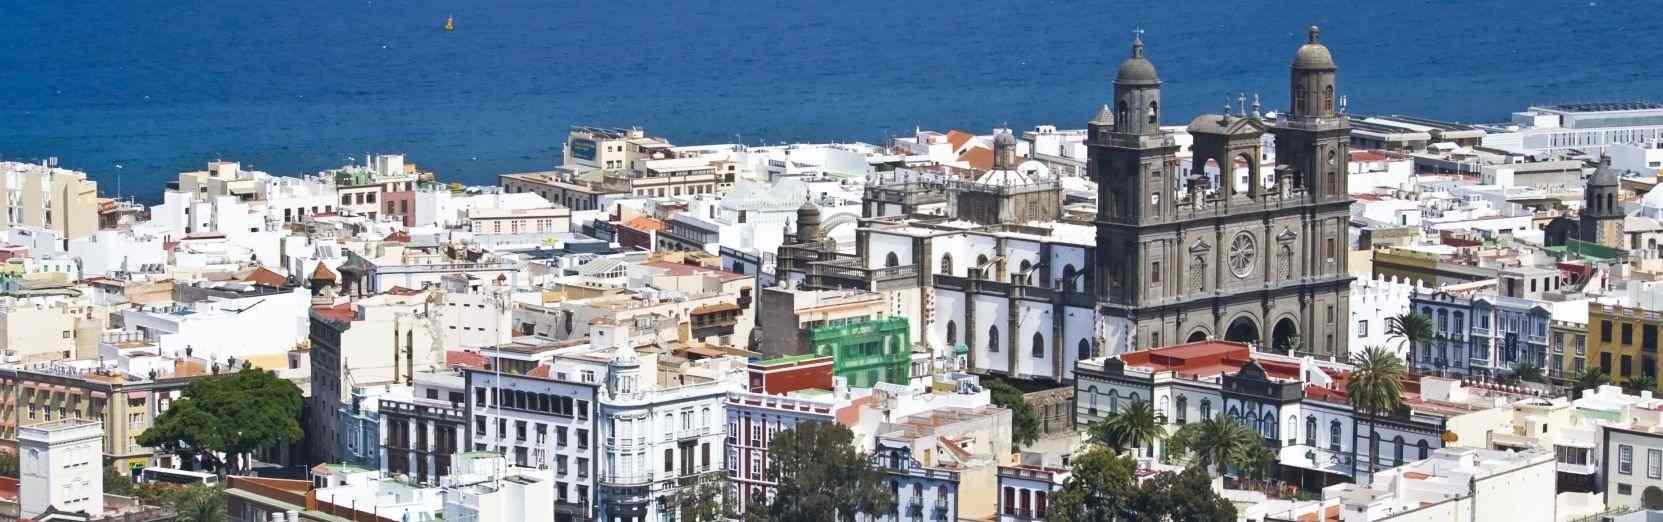 Urlaubsorte Spanien